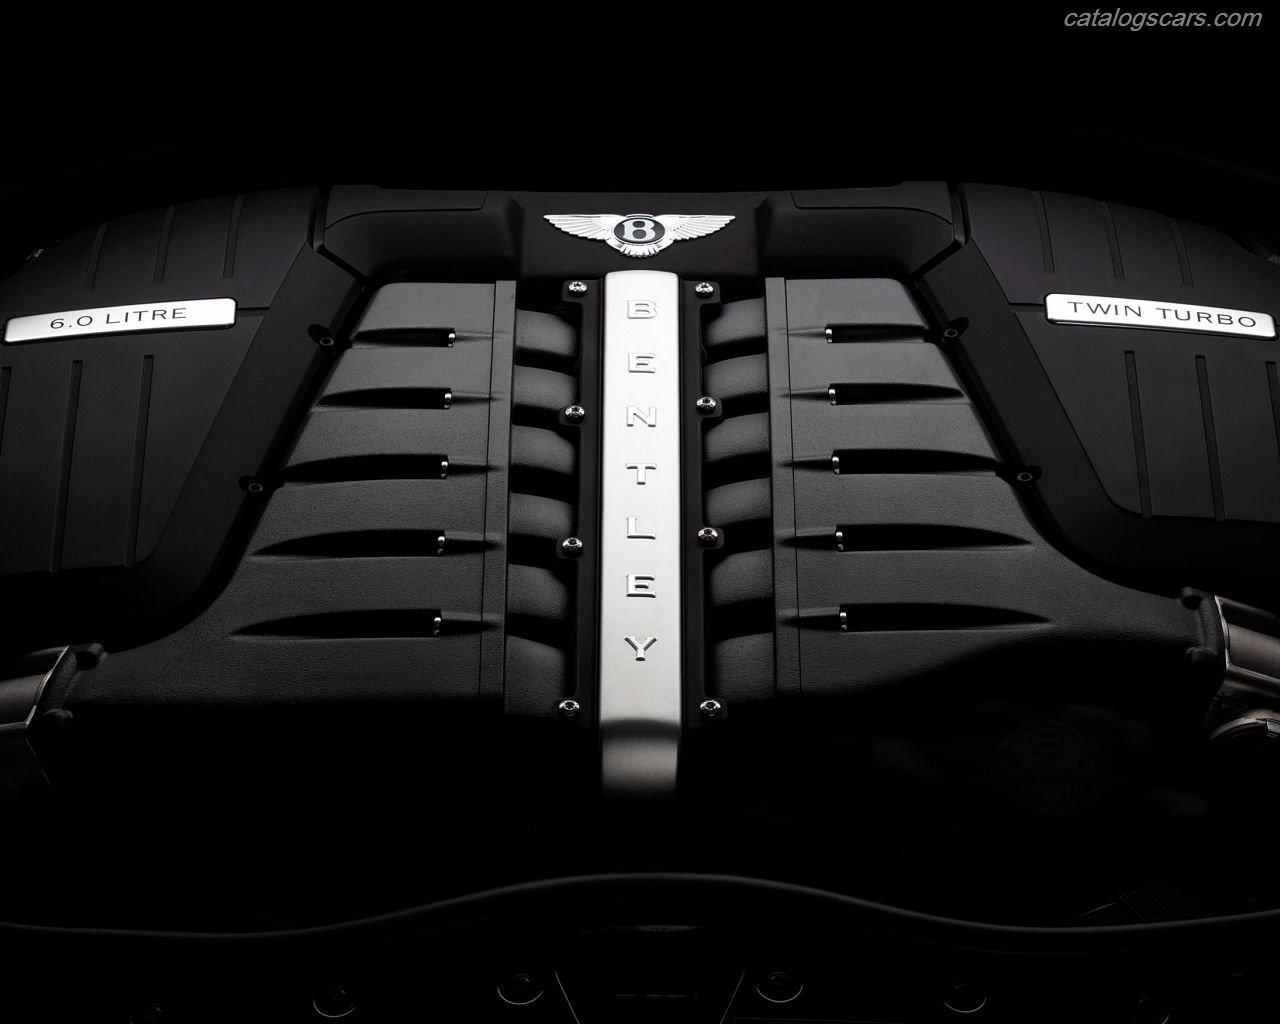 صور سيارة بنتلى كونتيننتال جى تى سى سبيد 2012 - اجمل خلفيات صور عربية بنتلى كونتيننتال جى تى سى سبيد 2012 - Bentley Continental Gtc Speed Photos Bentley-Continental-Gtc-Speed-2011-11.jpg